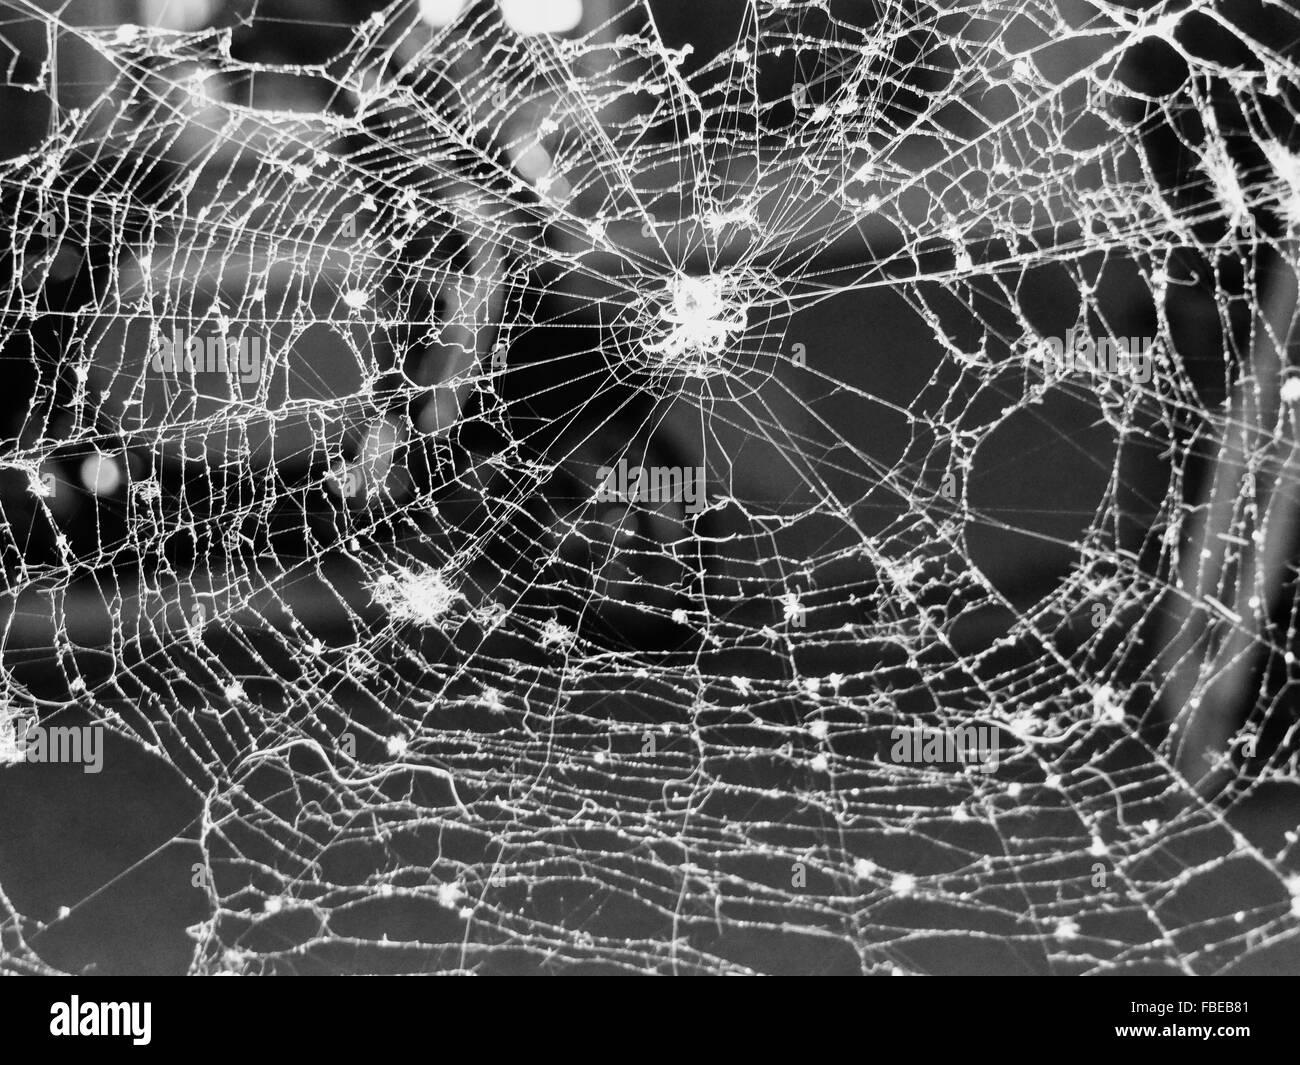 Full Frame Shot Of Spider Web - Stock Image